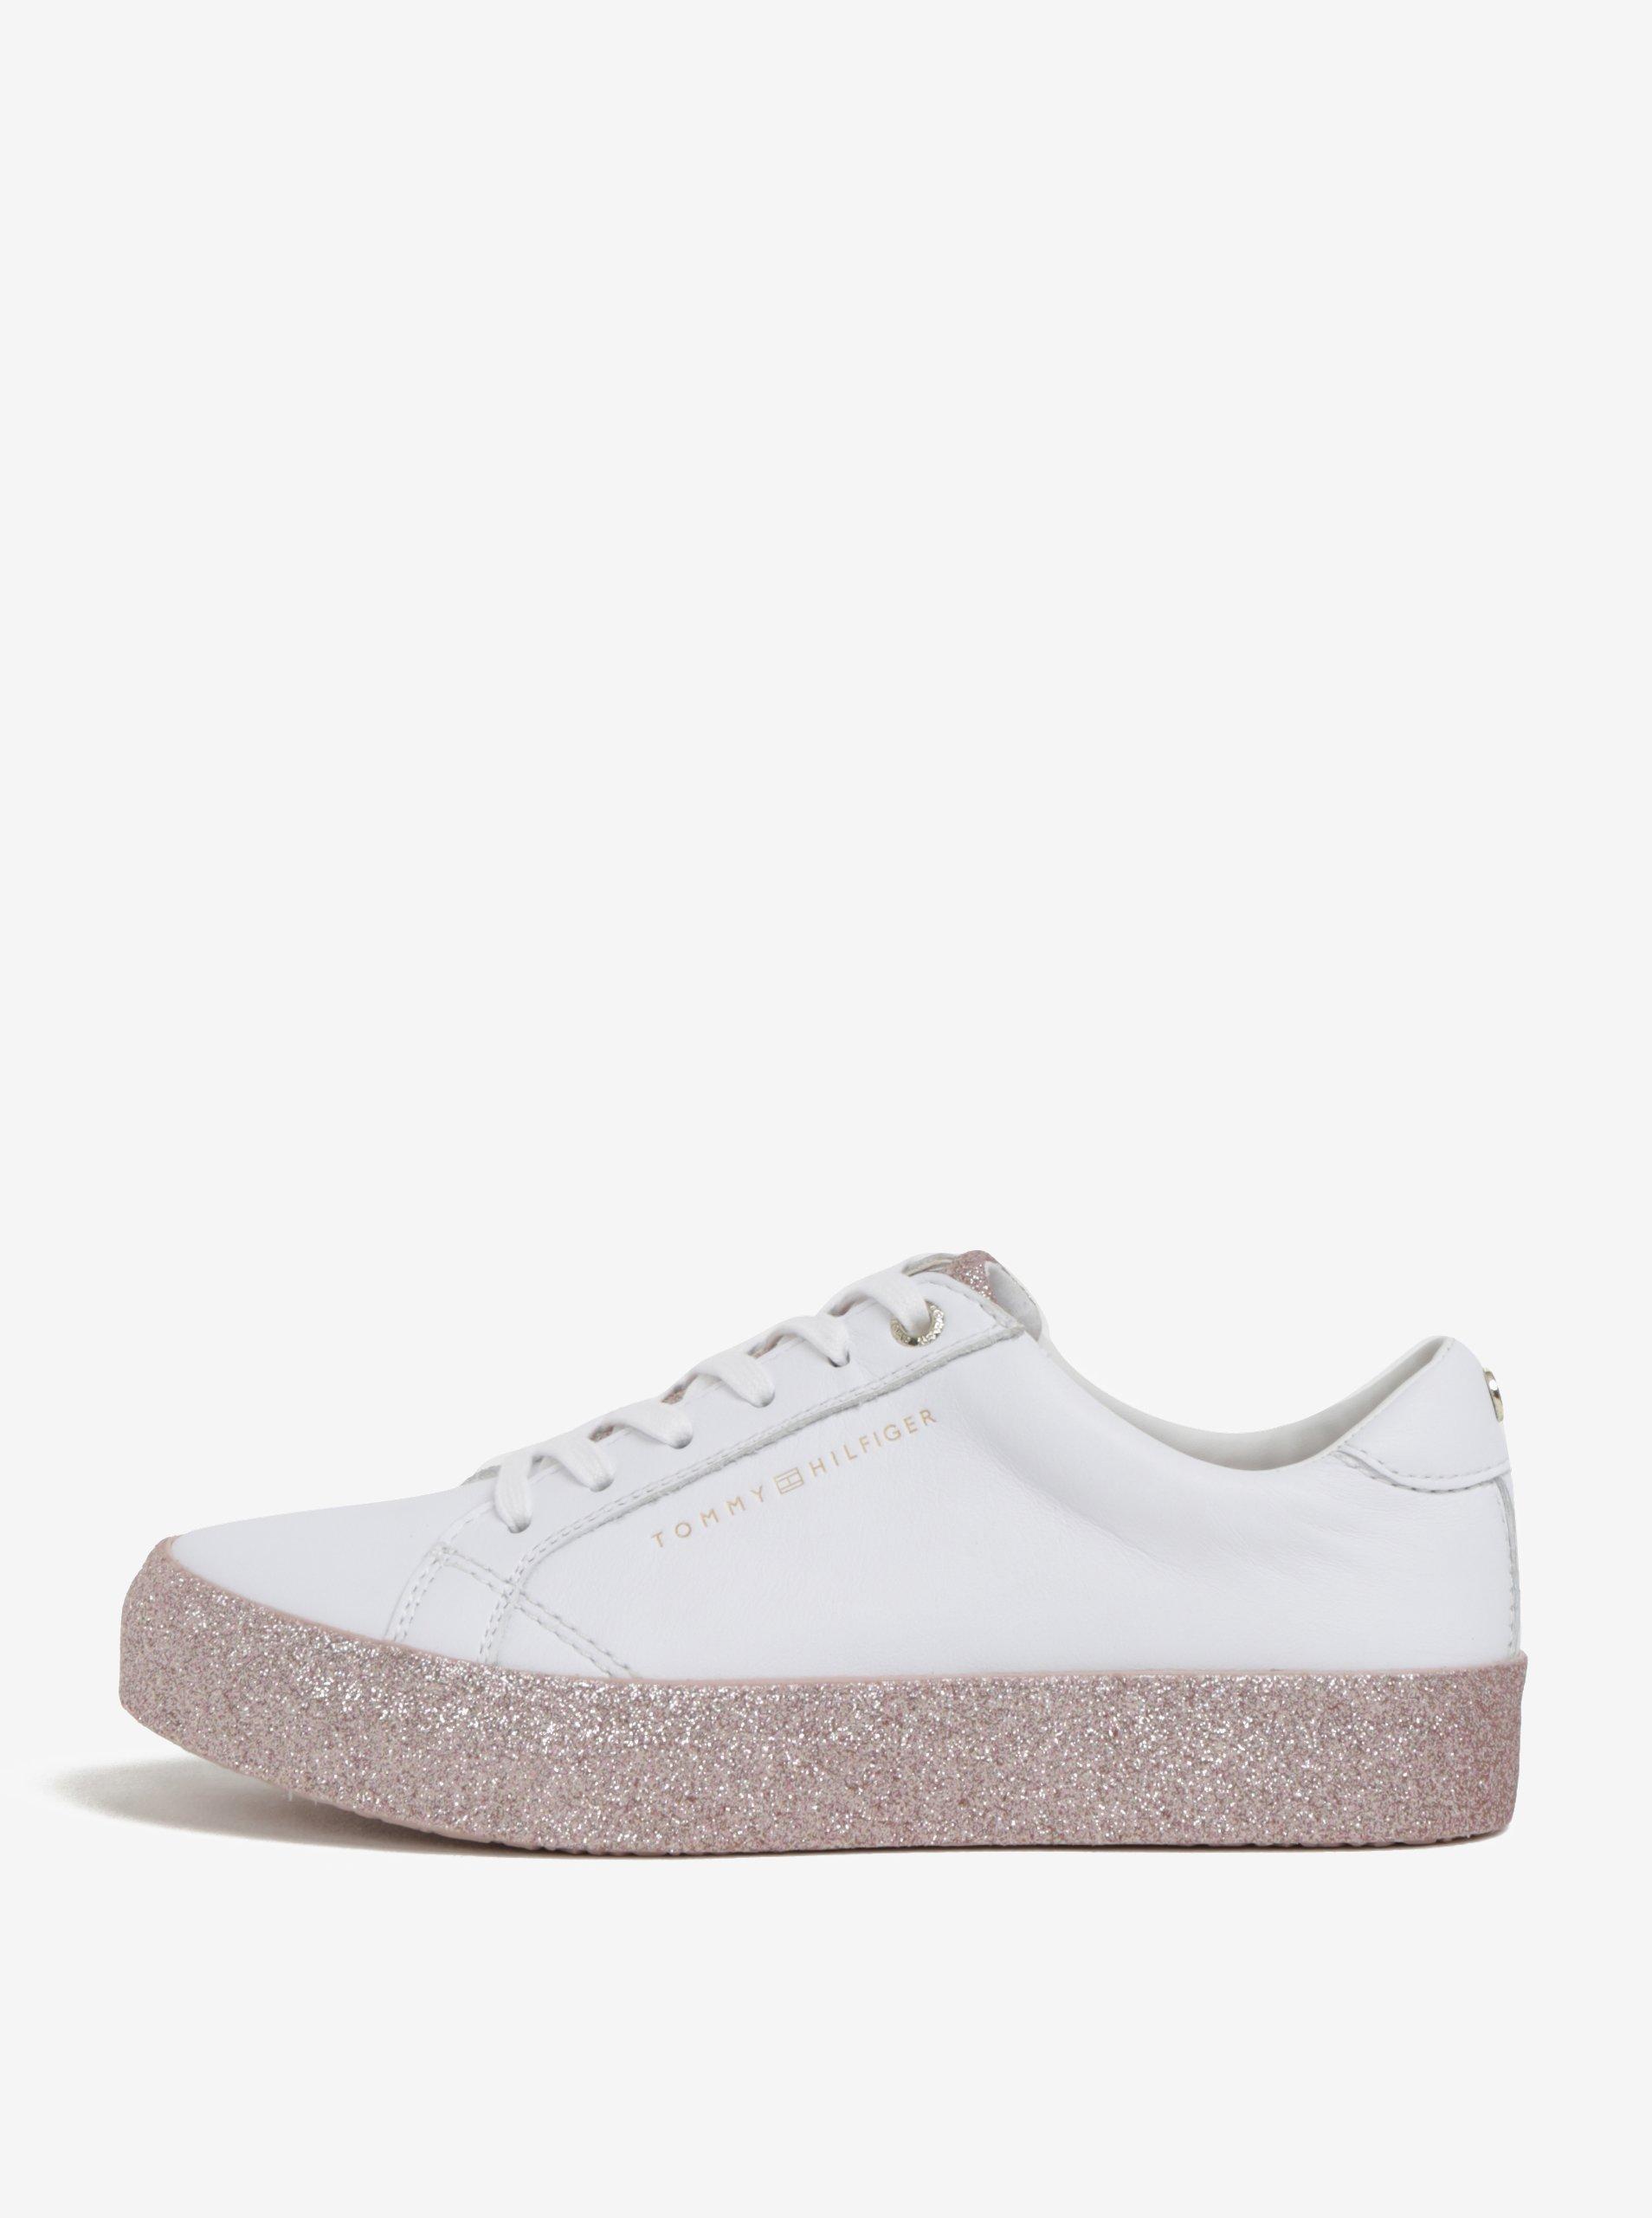 148c2050a1264 Biele dámske kožené tenisky na trblietavej platforme Tommy Hilfiger ...